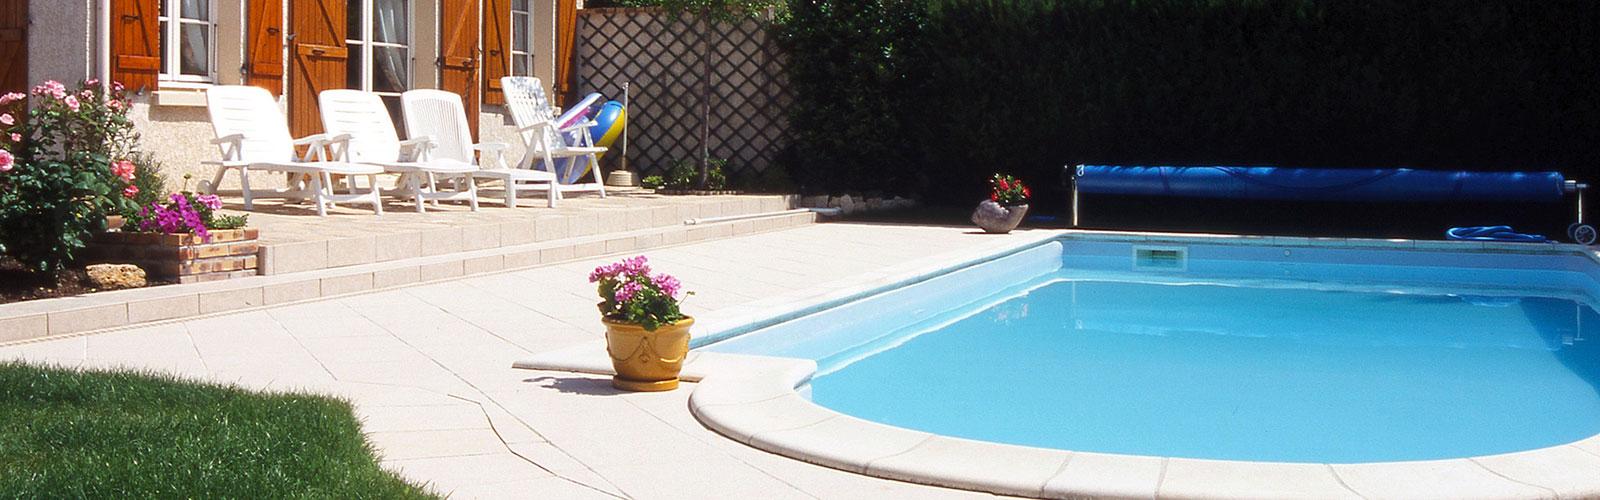 Piscine Pool Garden Alessandria